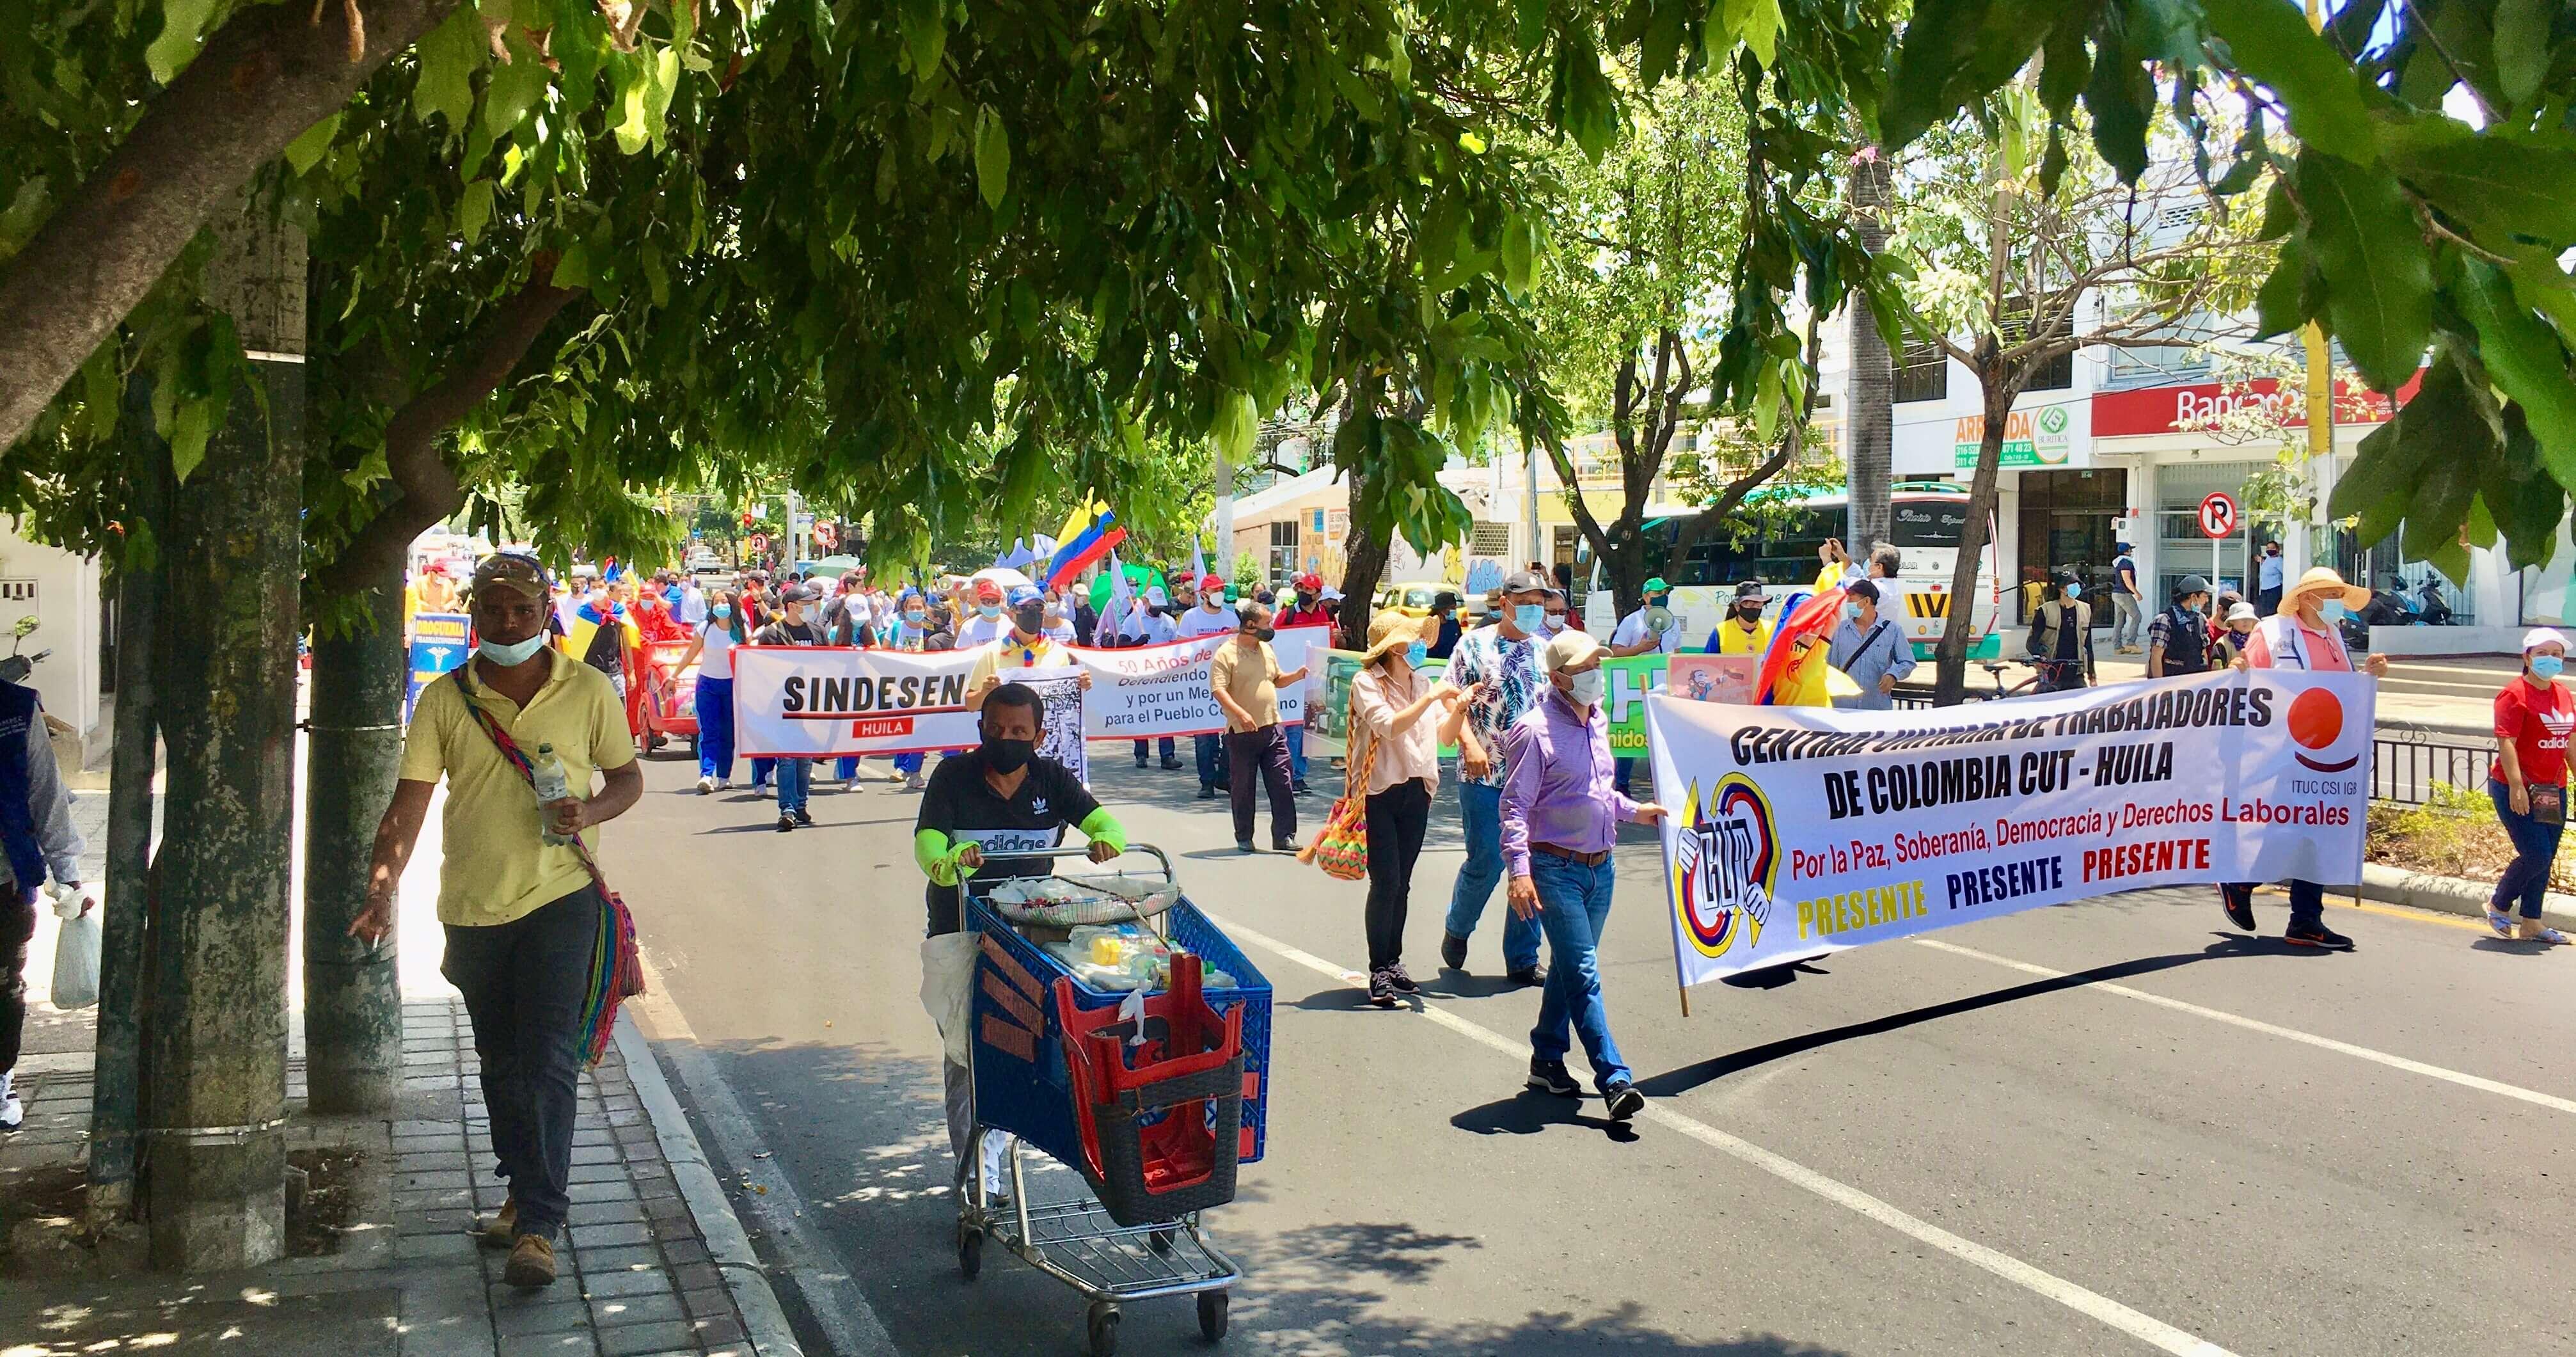 'La indignación ciudadana debe verse reflejada en las calles'